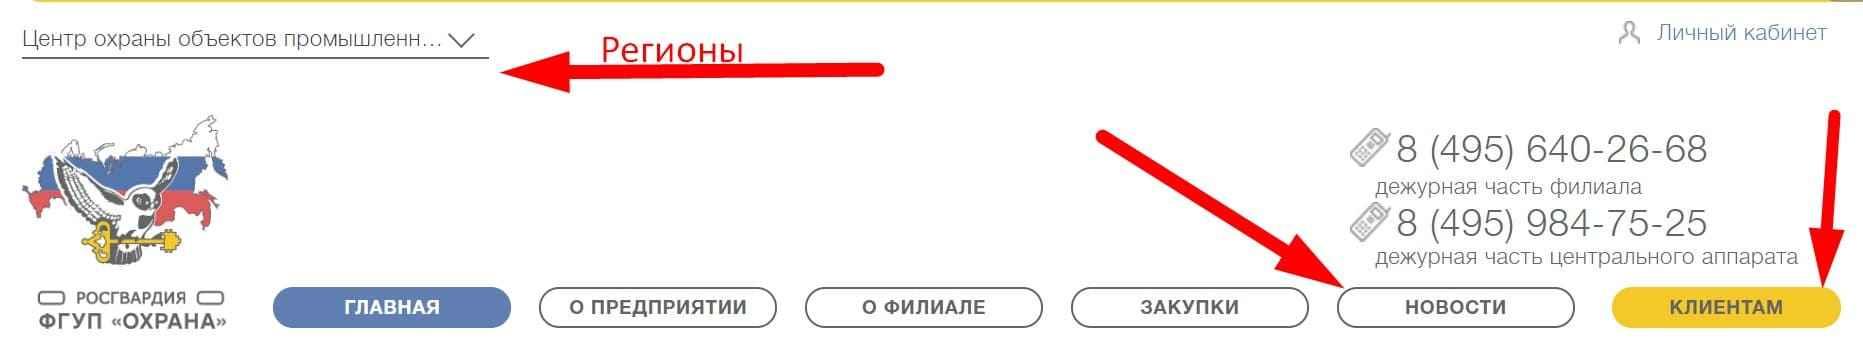 ФГУП Охрана личный кабинет